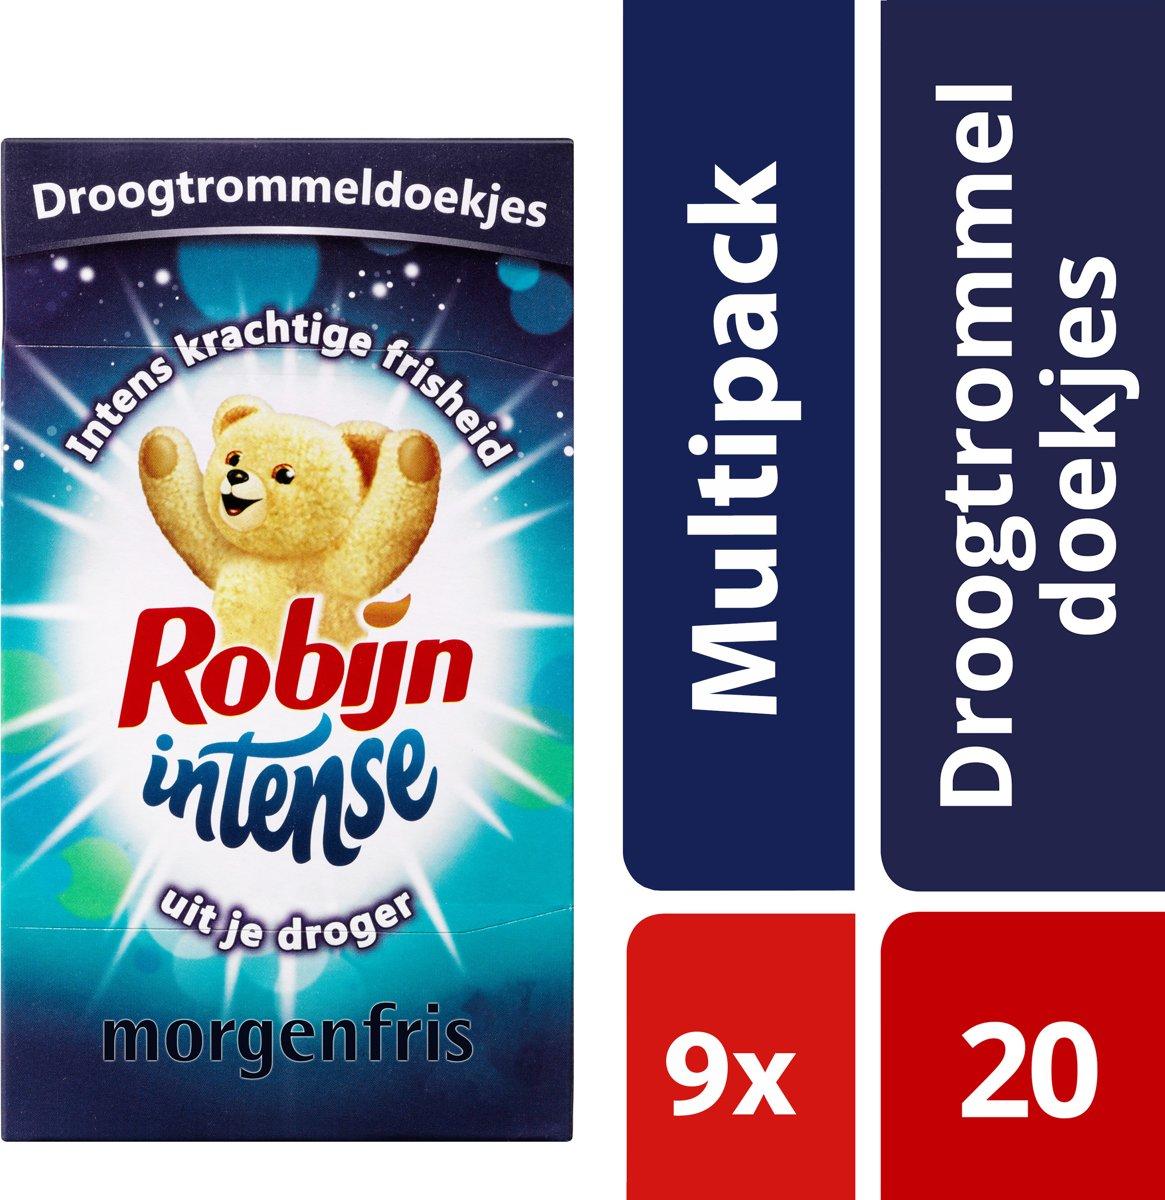 Robijn Intense Droogtrommeldoekjes - 9 x 20 stuks - Voordeelverpakking kopen